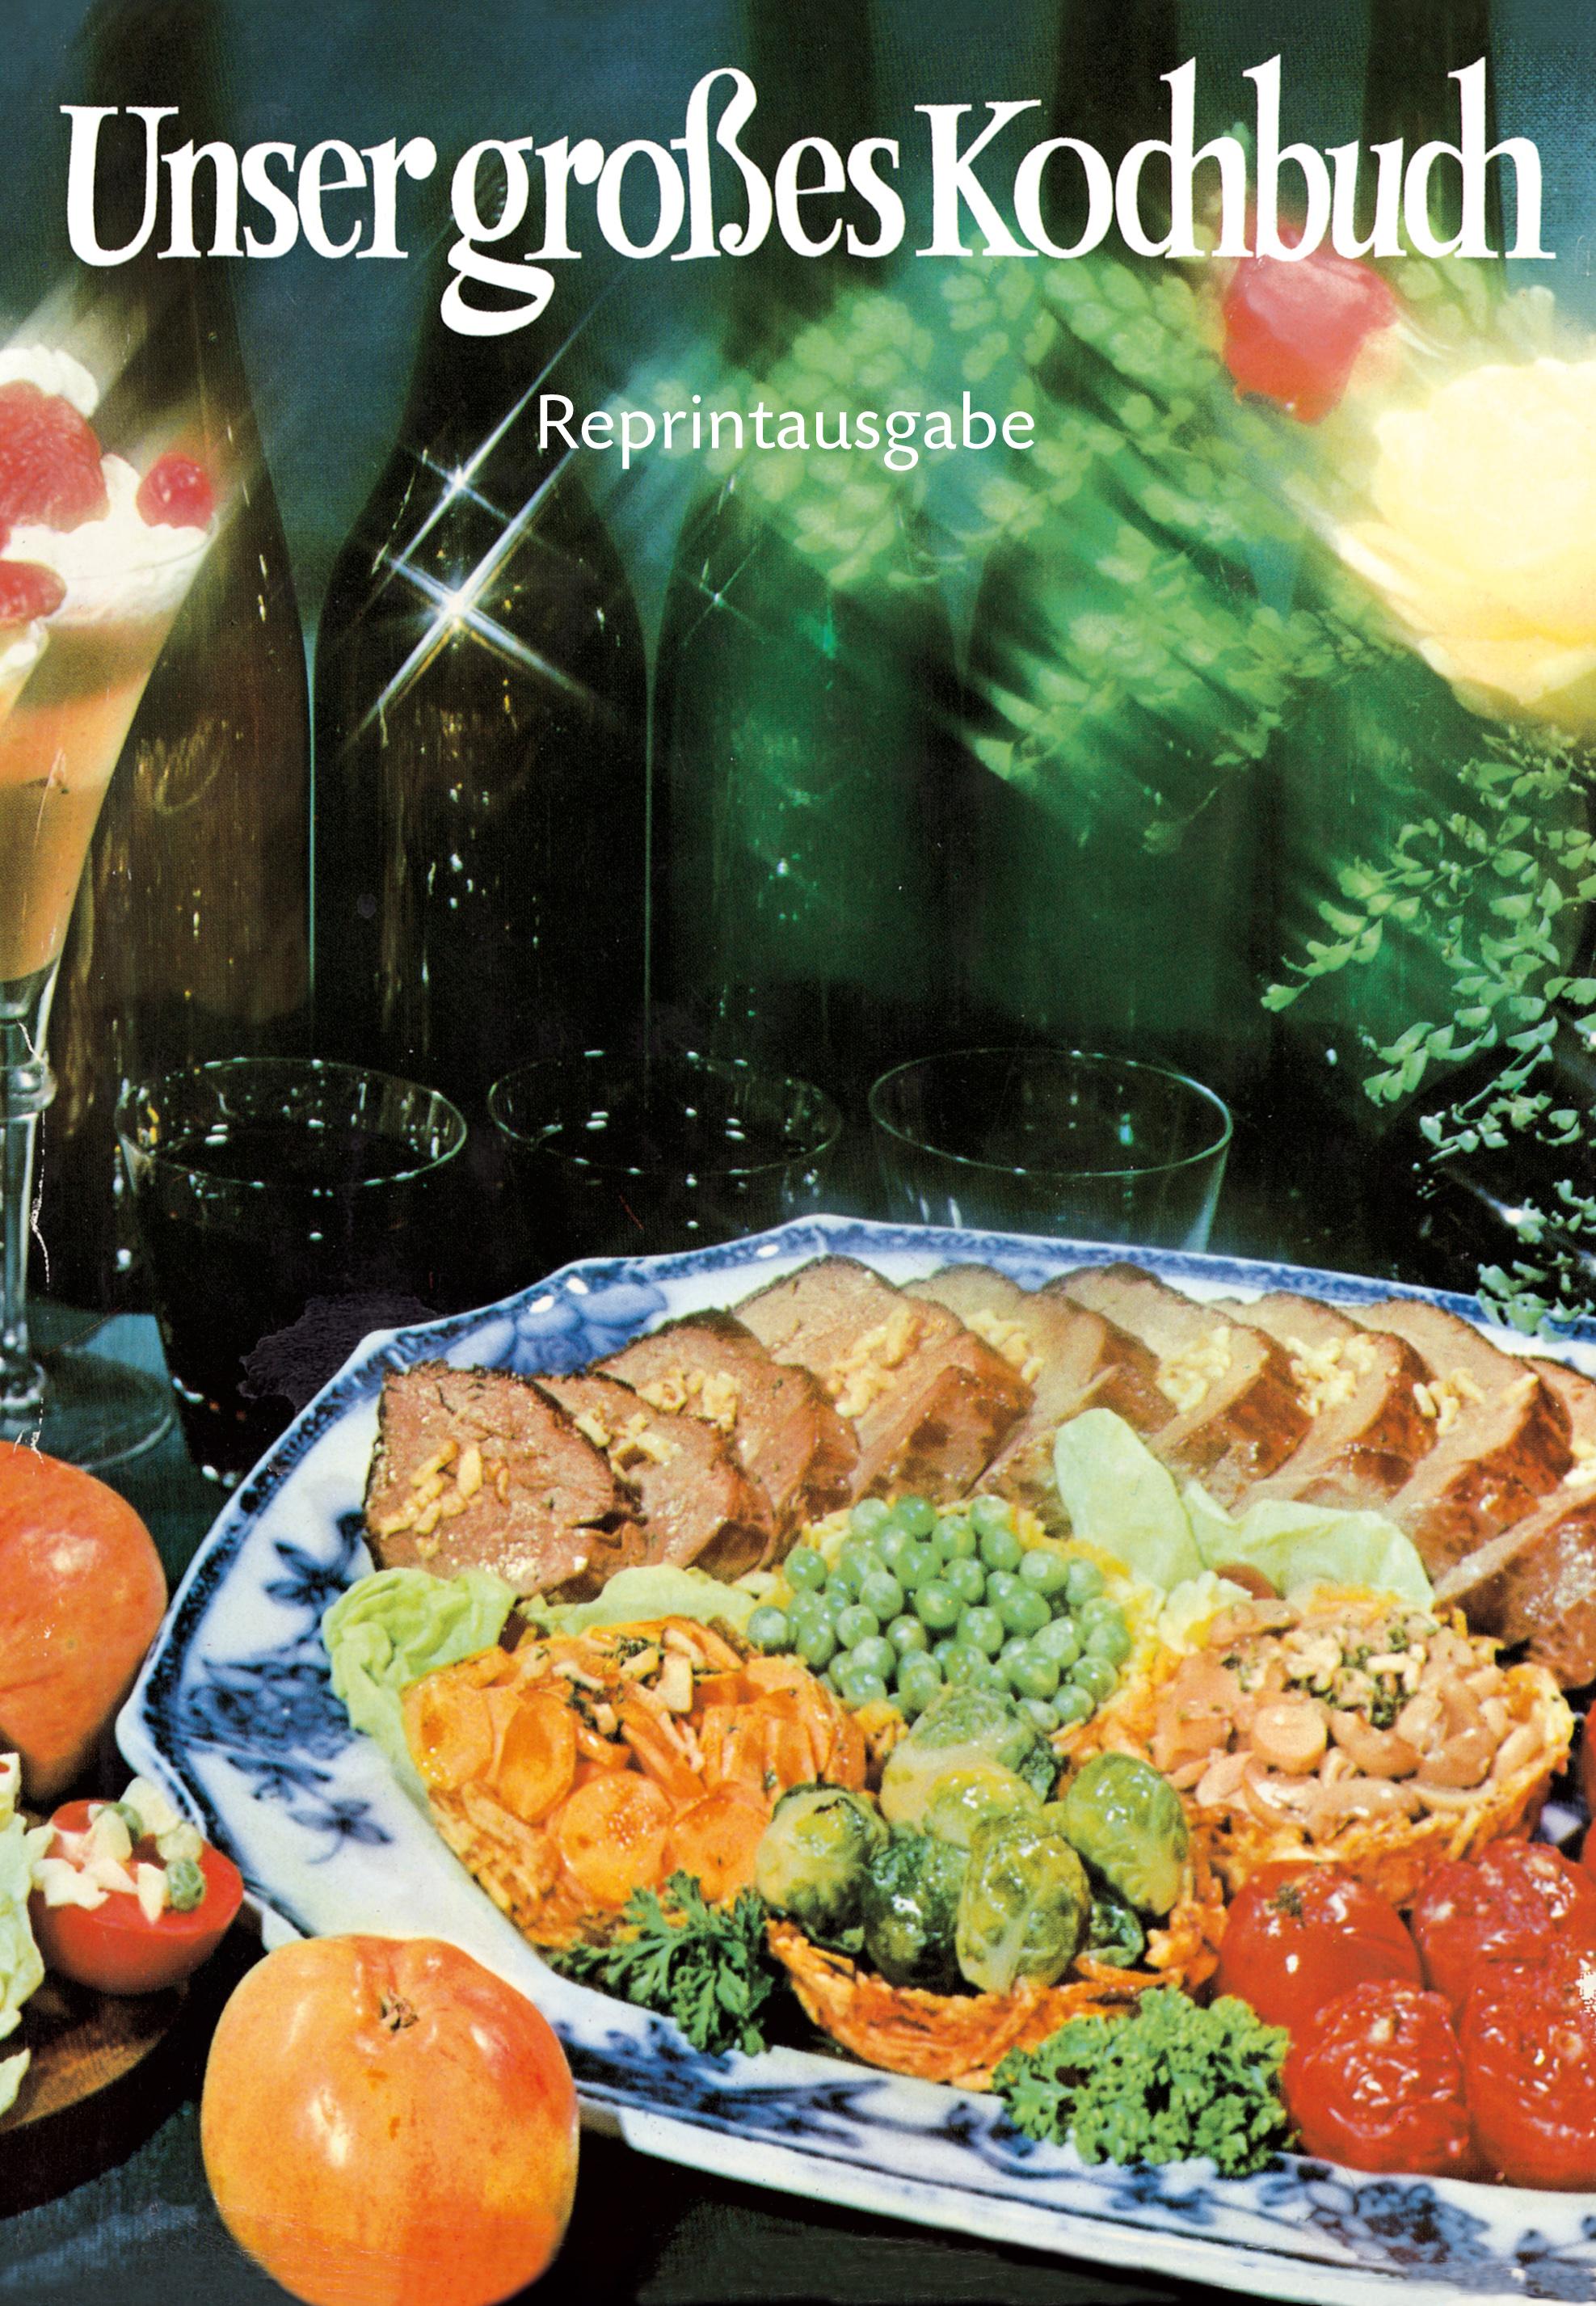 Kochbuch ostpreussische kuche for Die fettverbrennungs kuche buch